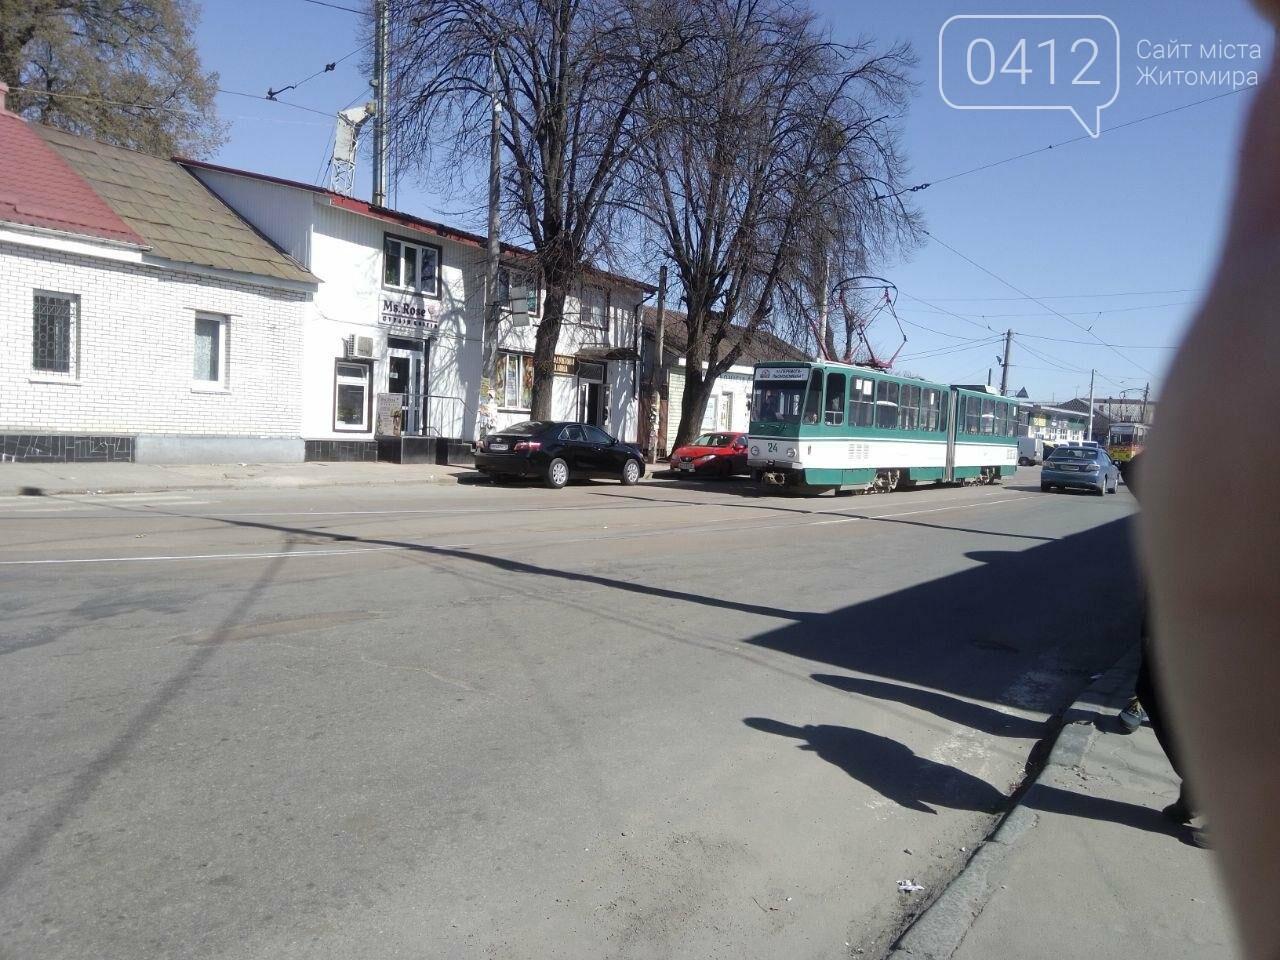 Рух трамваїв в Житомирі сьогодні буде призупинено. Оновлено, фото-1